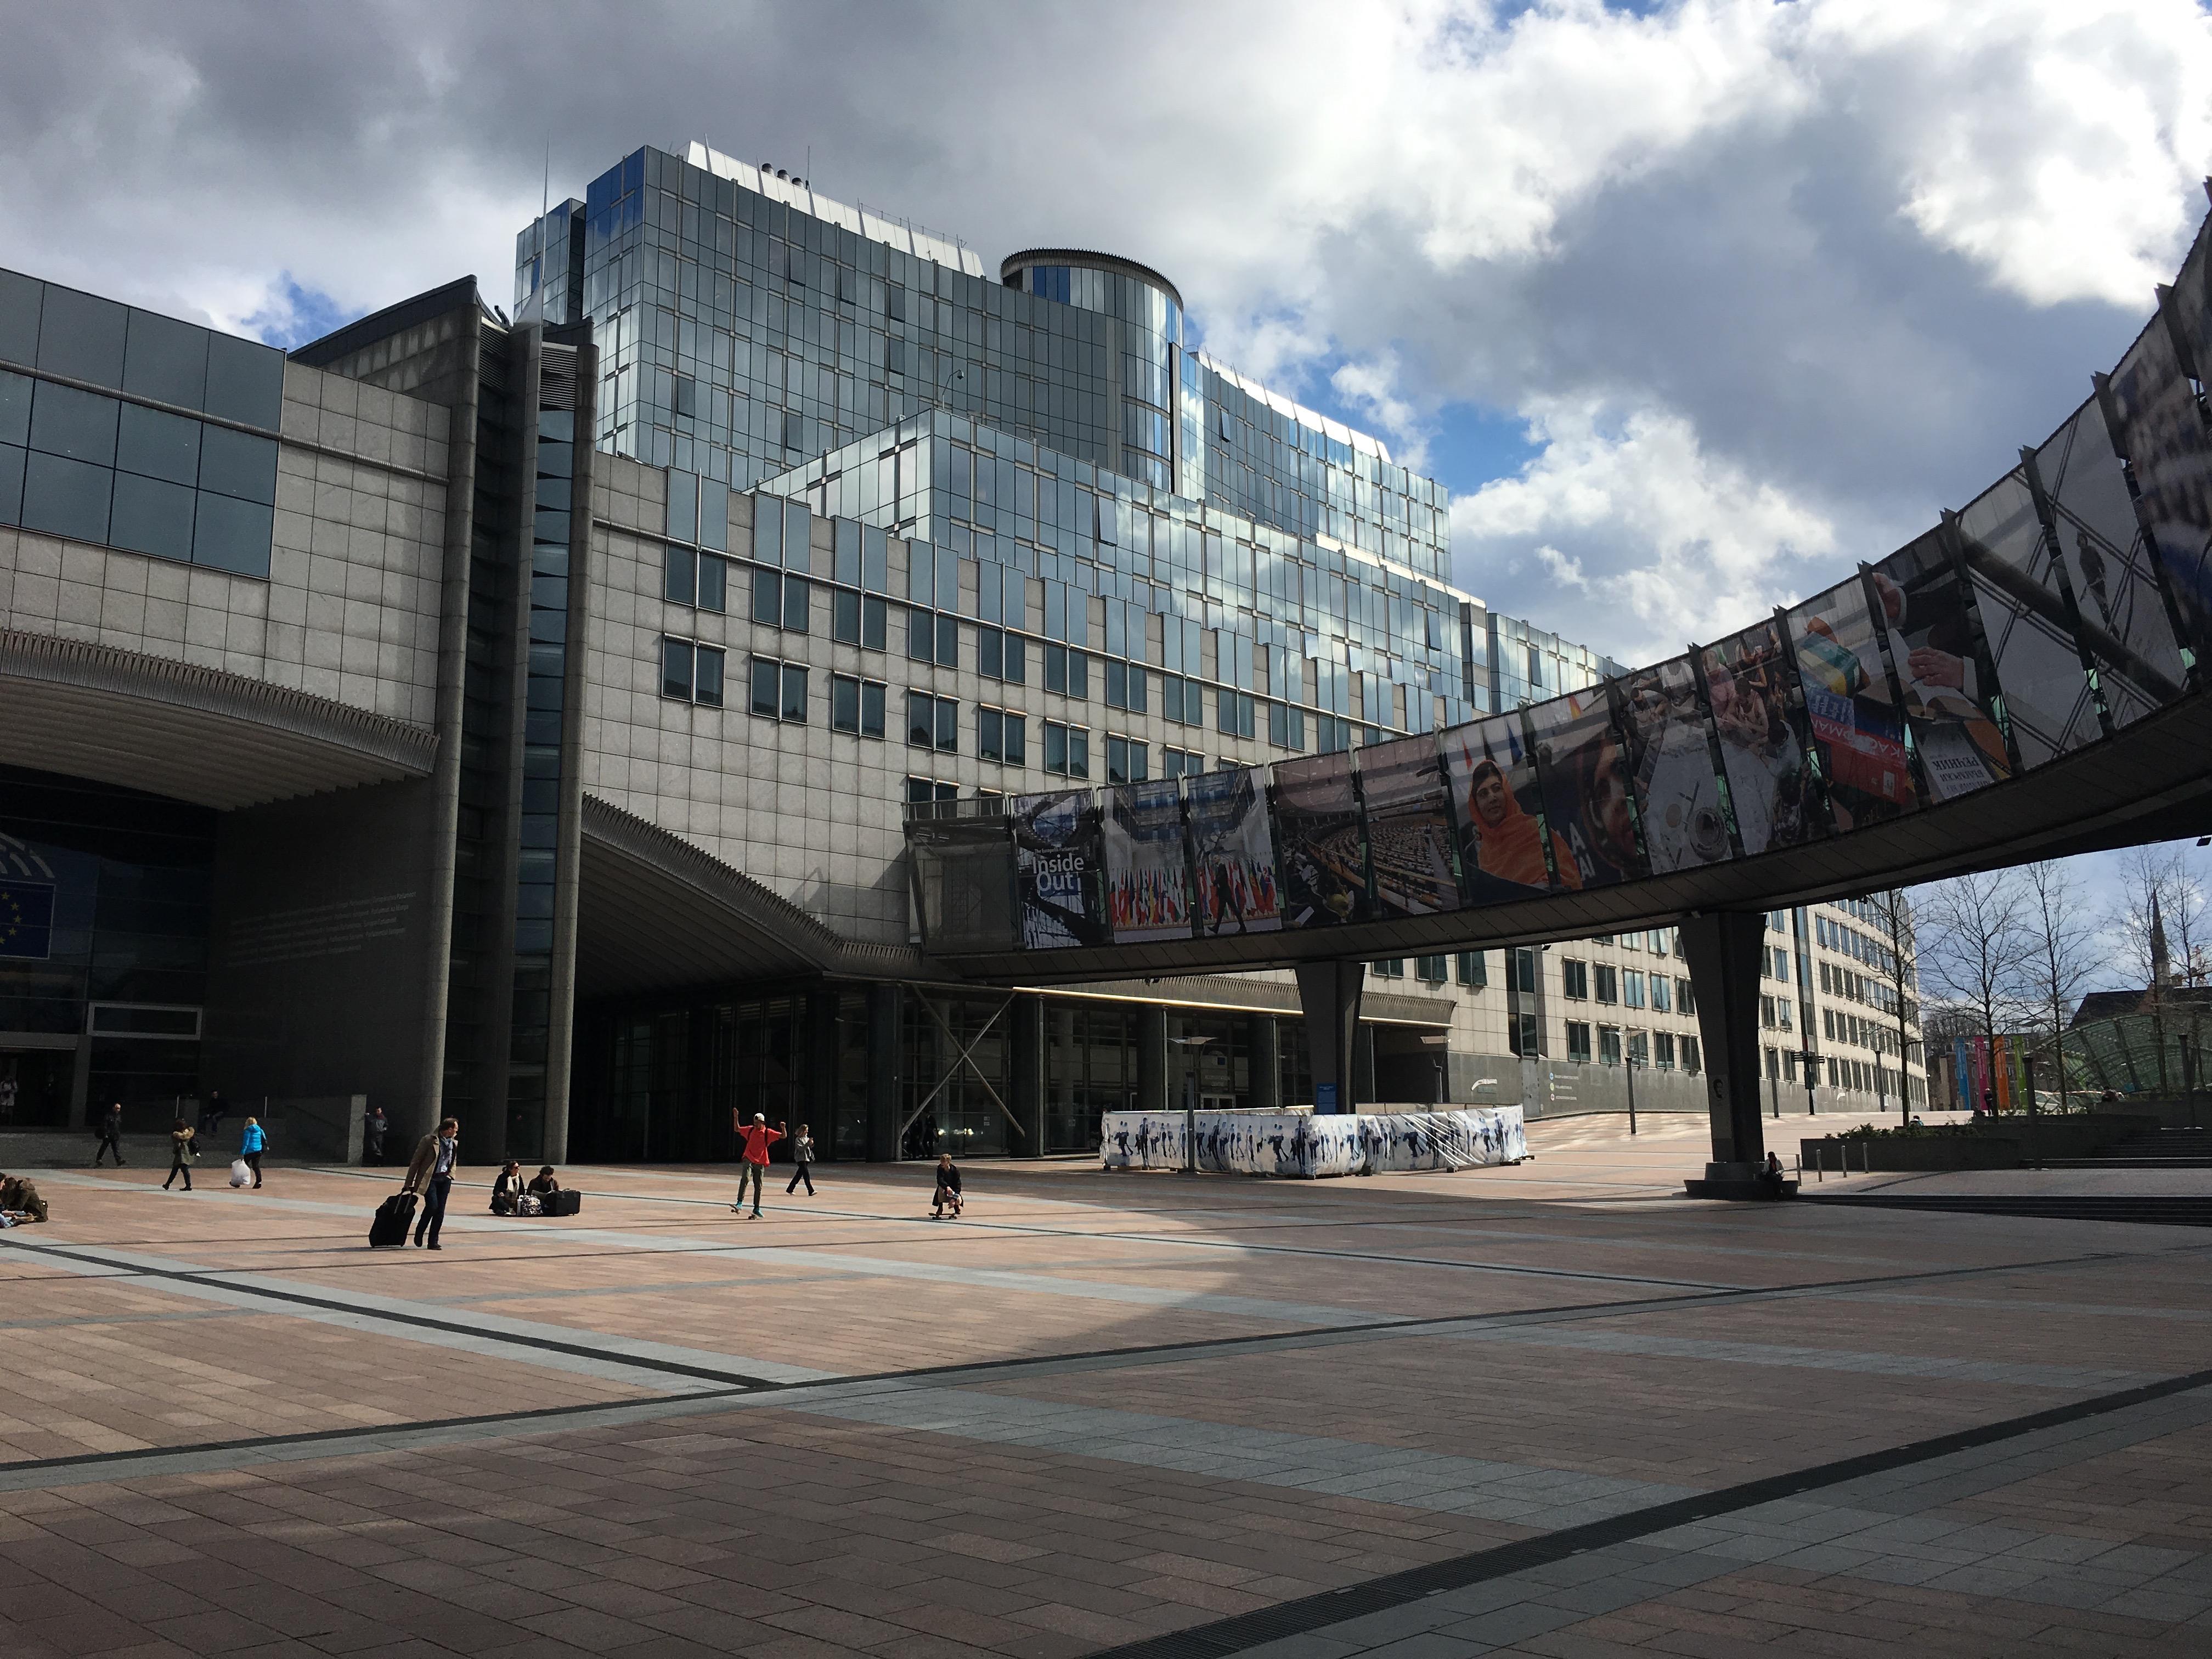 Intalnire unica Bruxelles